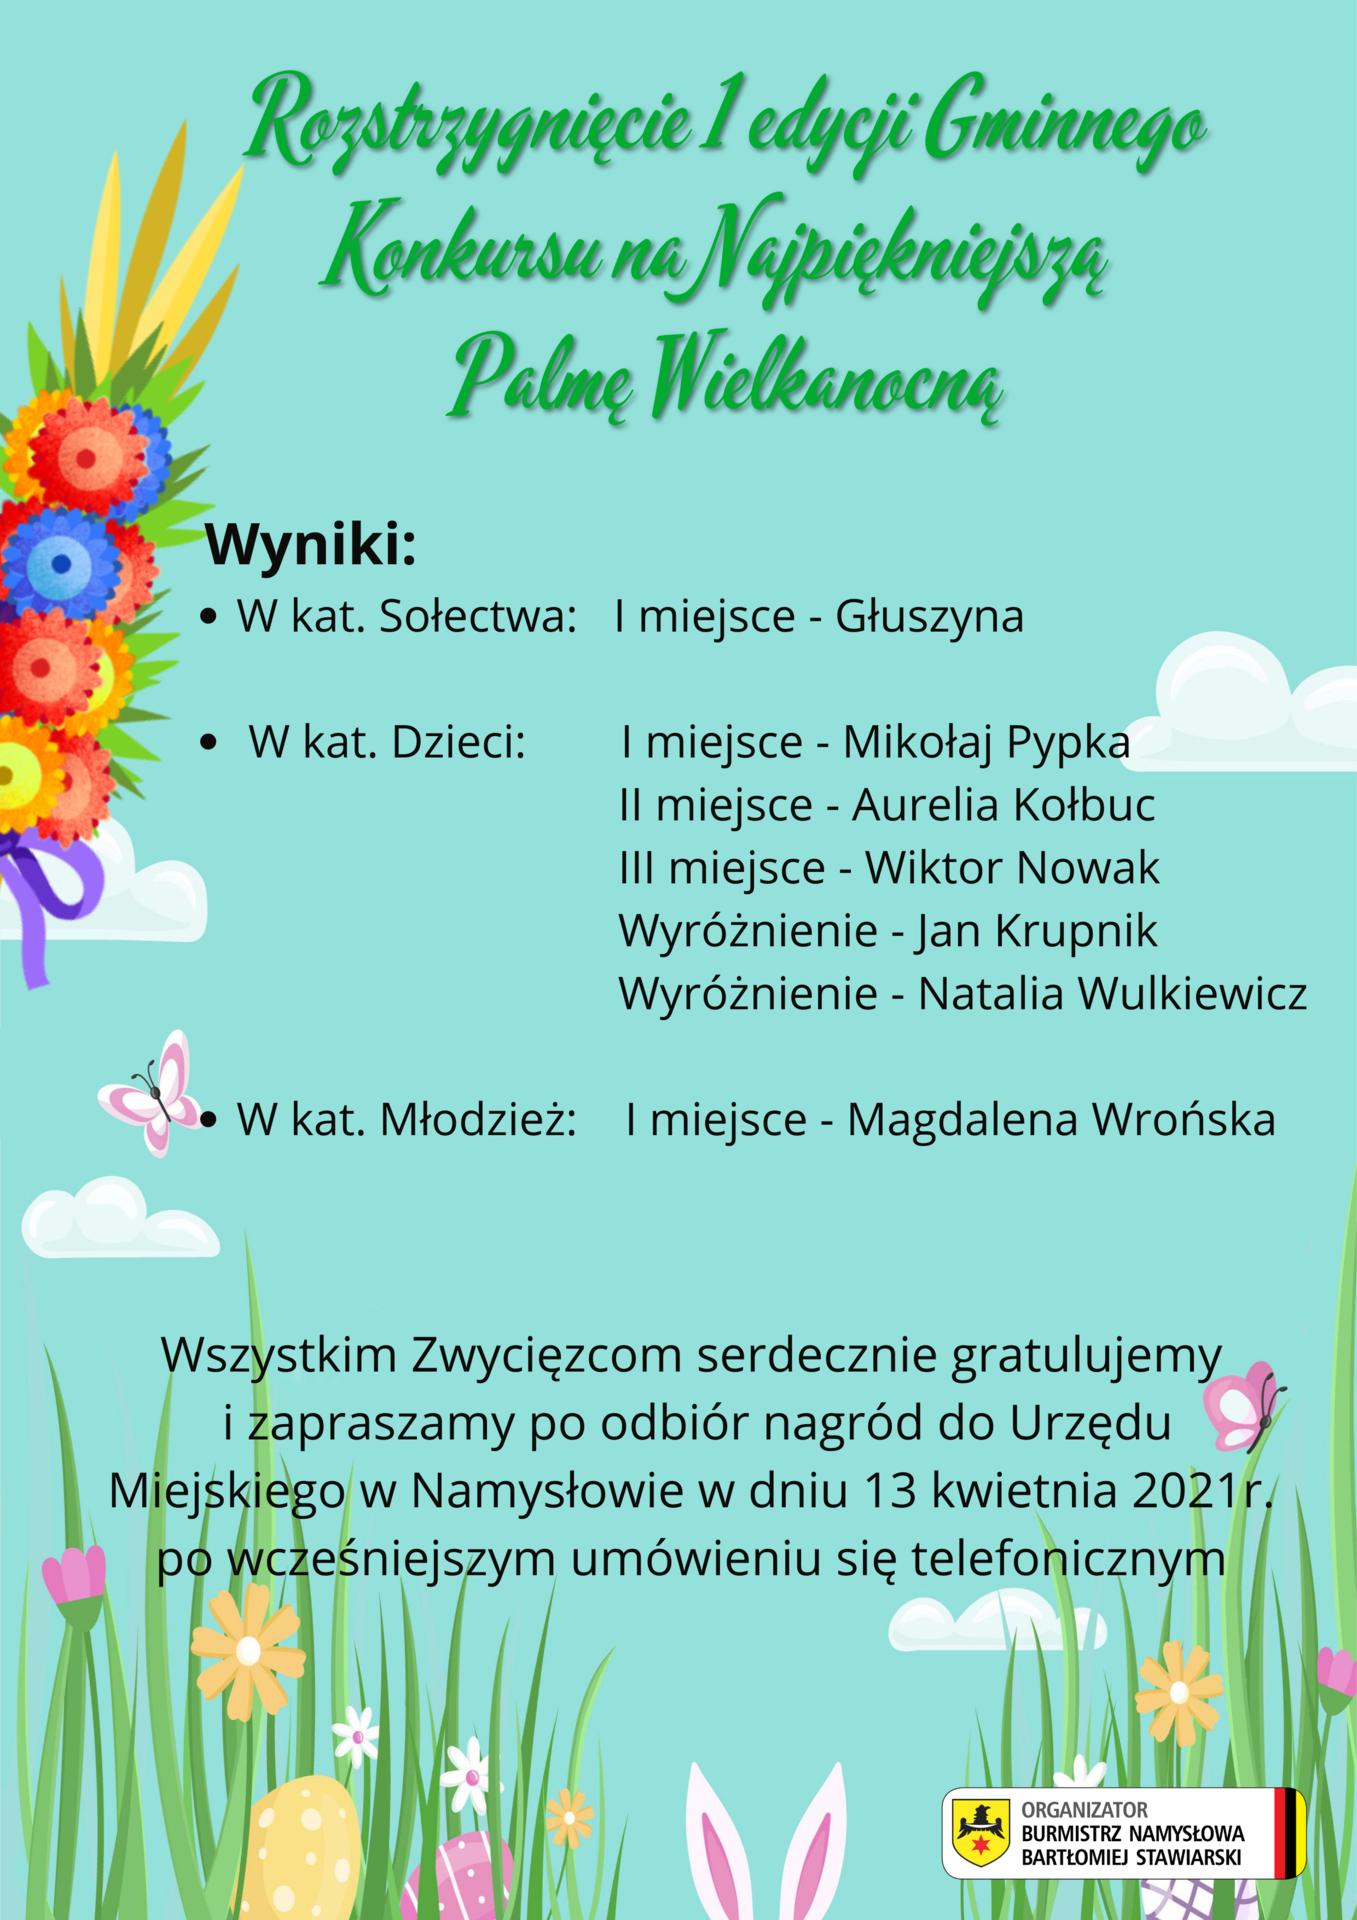 Burmistrz Namysłowa zaprasza do udziału w I edycji gminnego konkursu na najpiękniejszą Palmę Wielkanocną (20).png